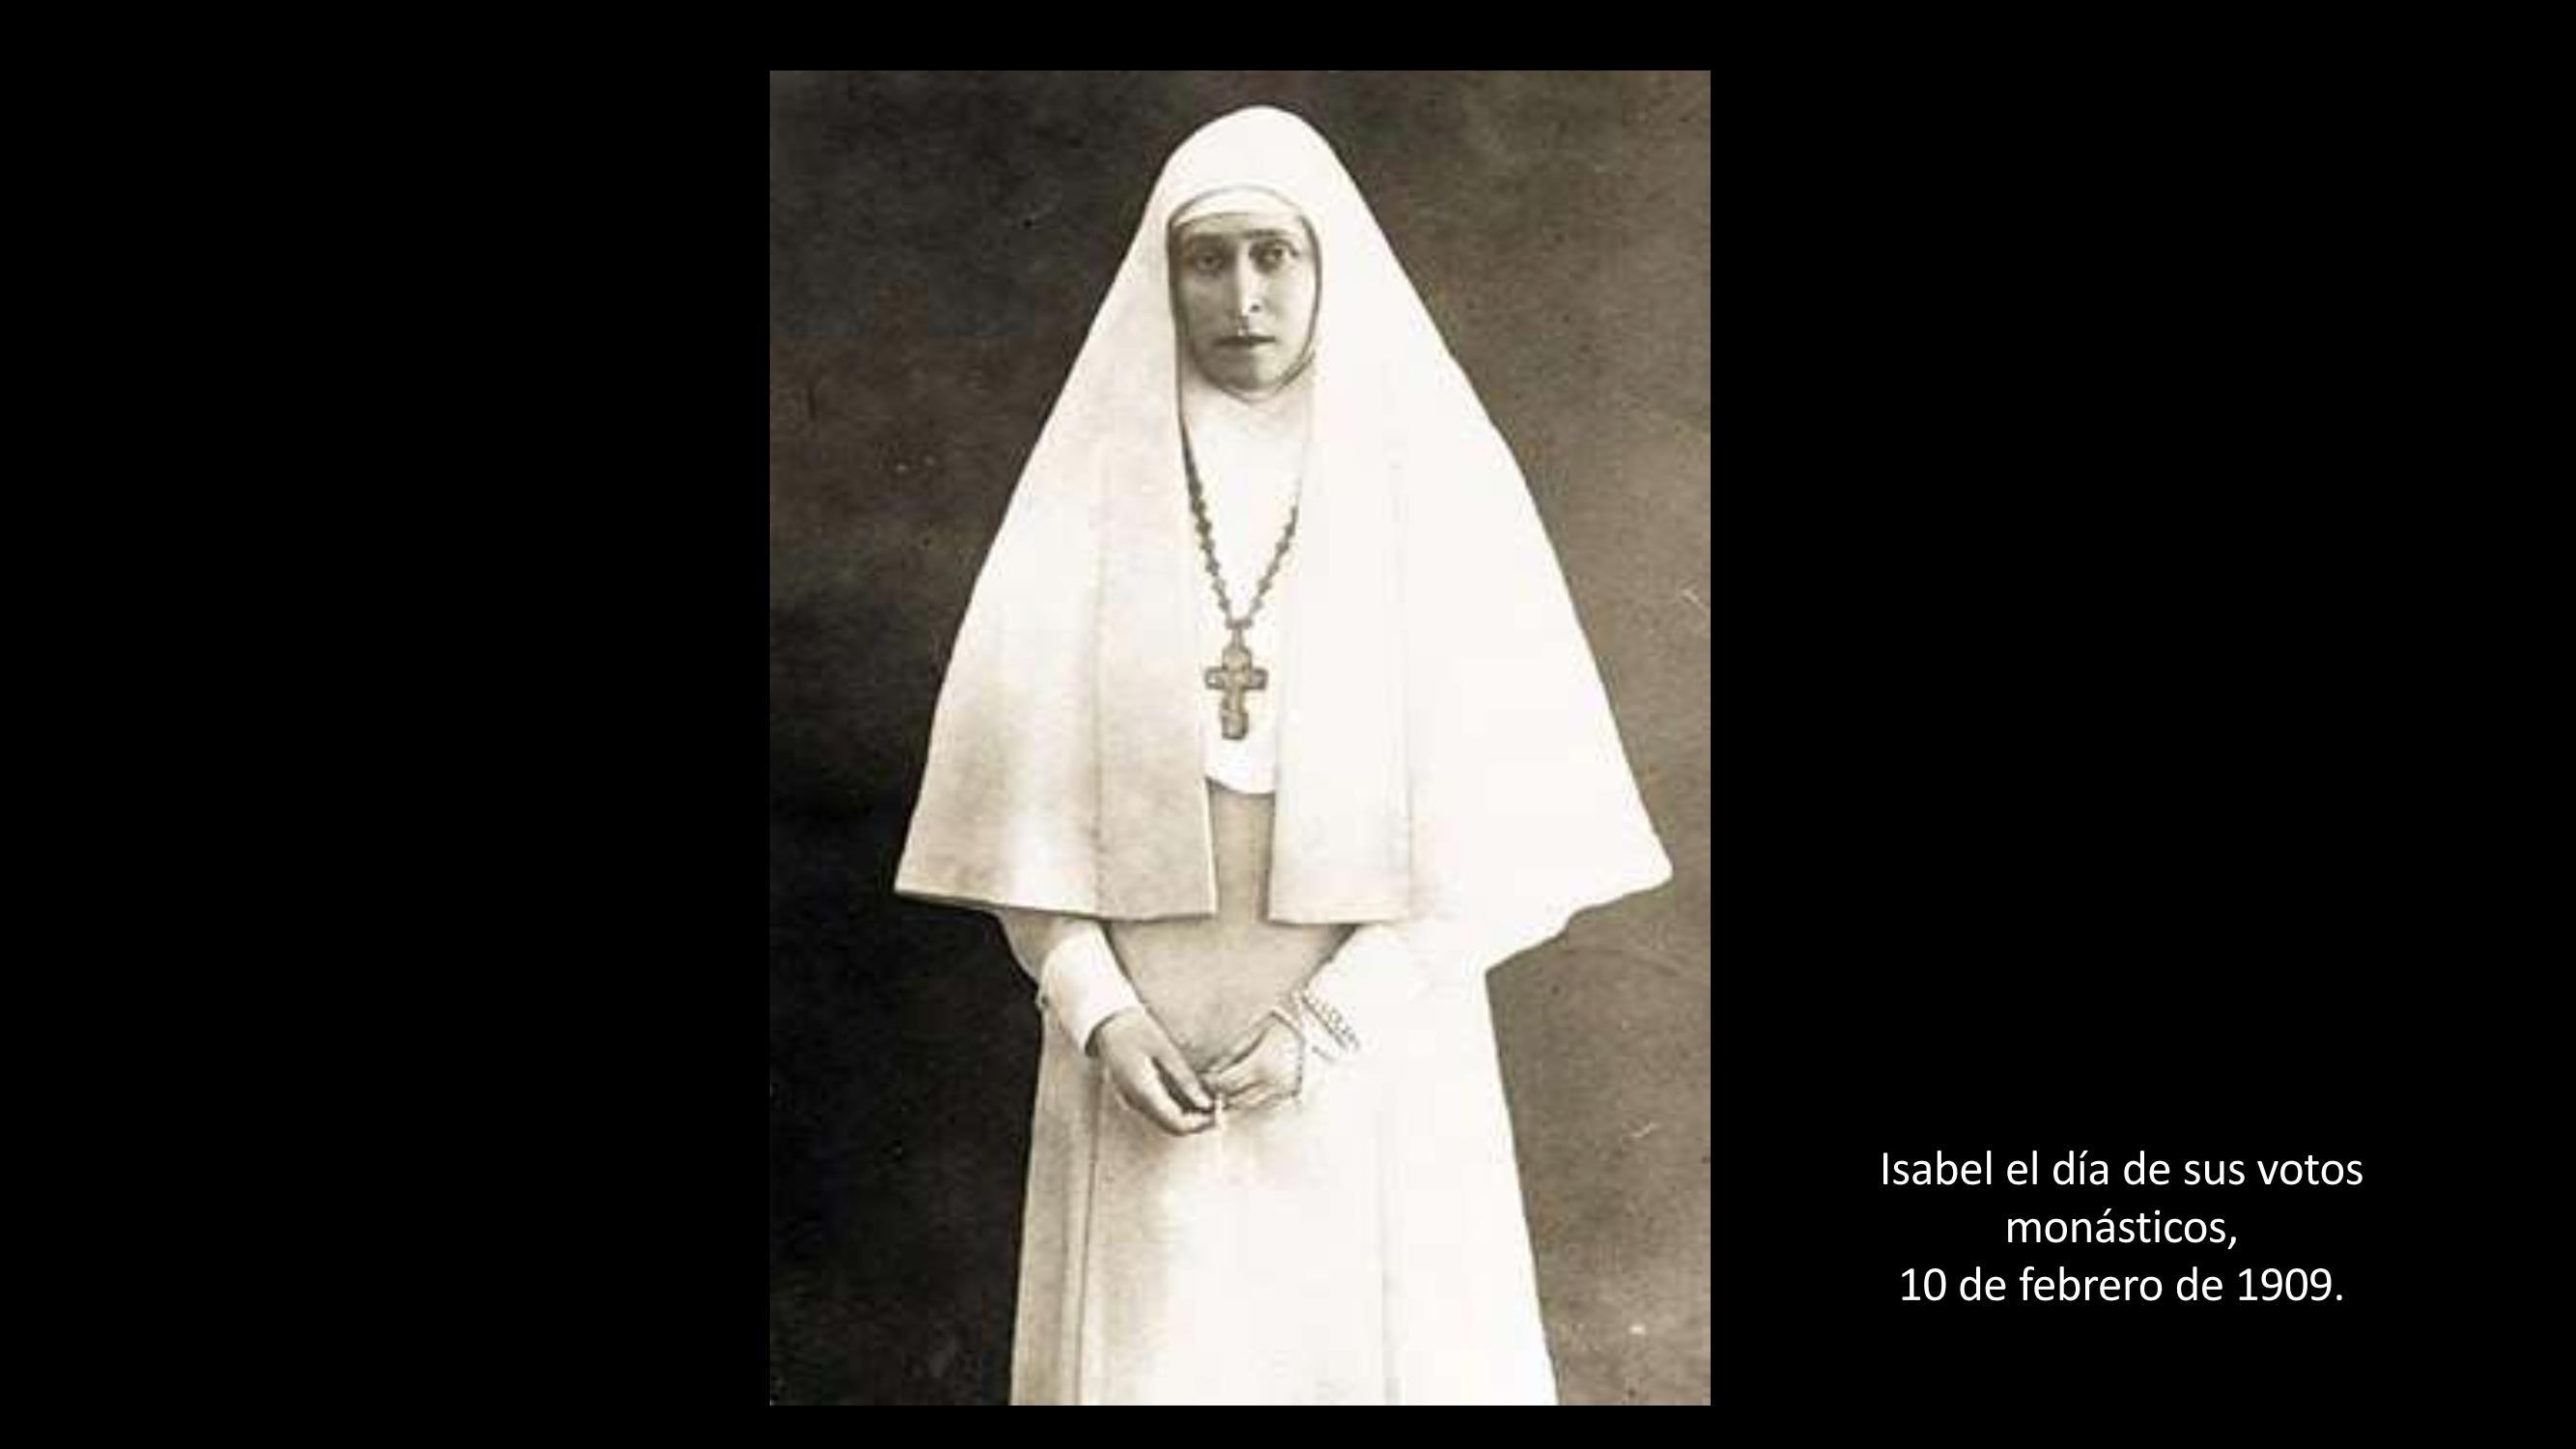 [20] Isabel en el día de sus votos monásticos